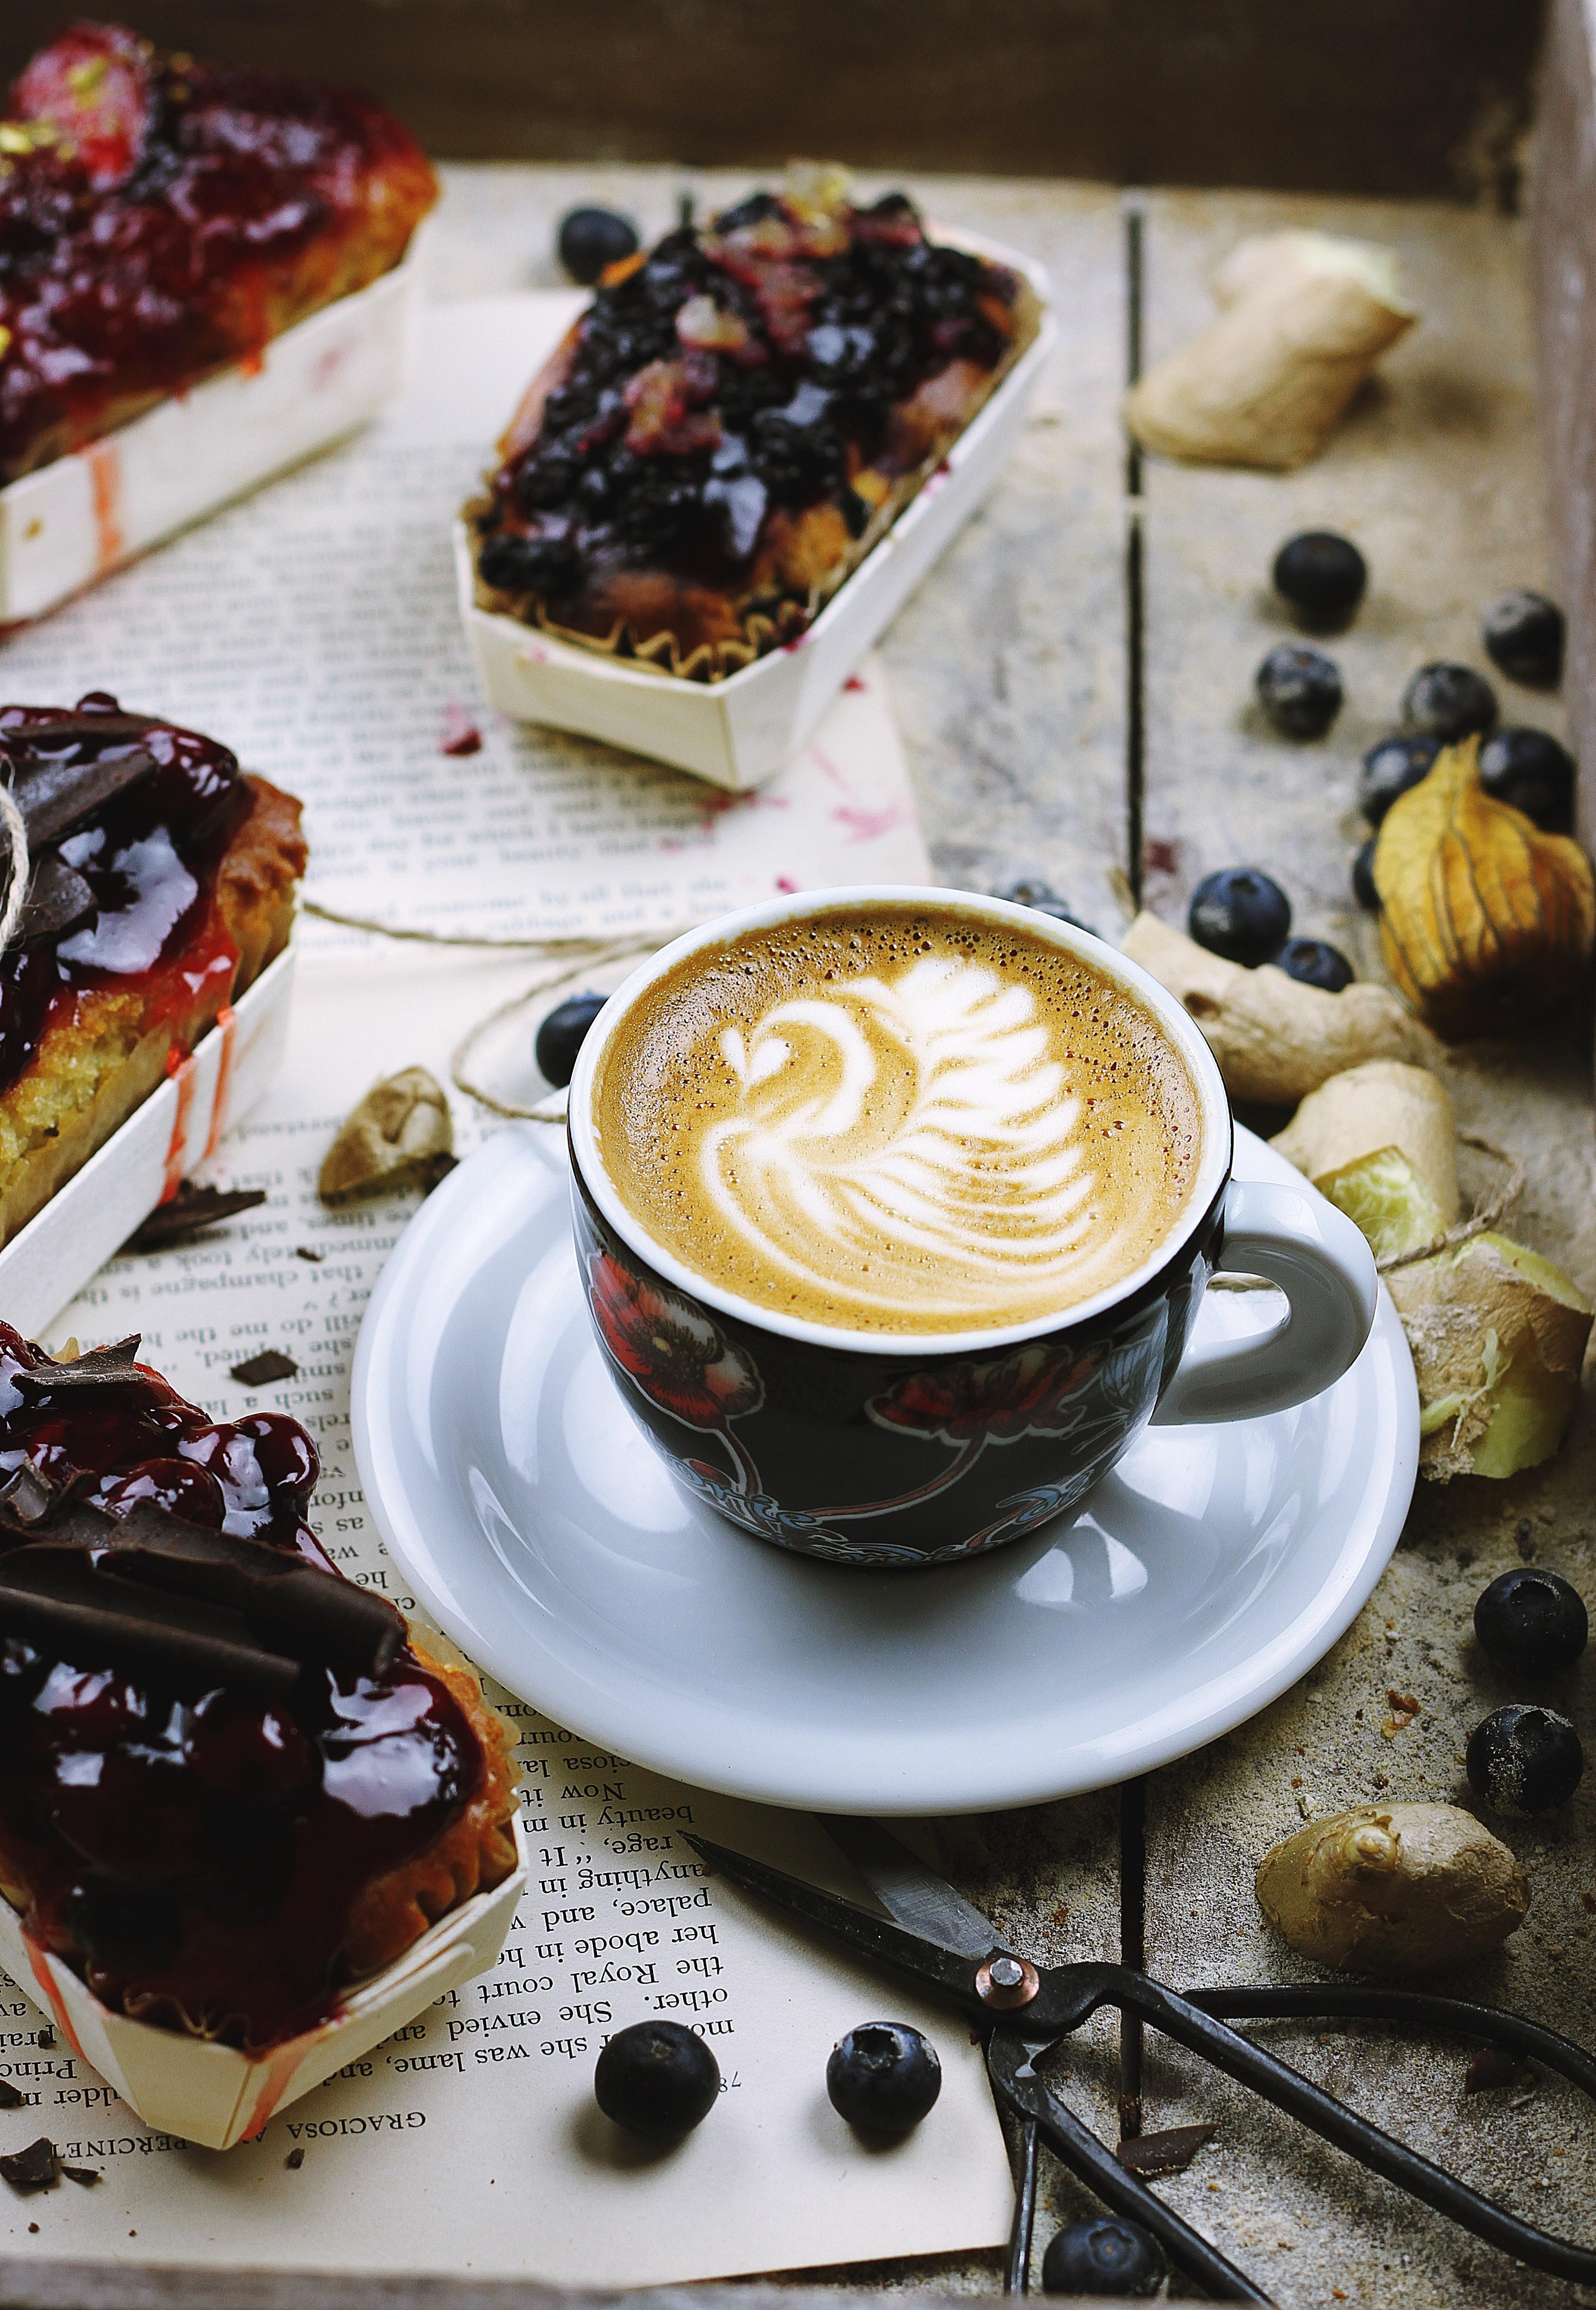 Оля спасибо, картинки с кофем и пирожными красивые